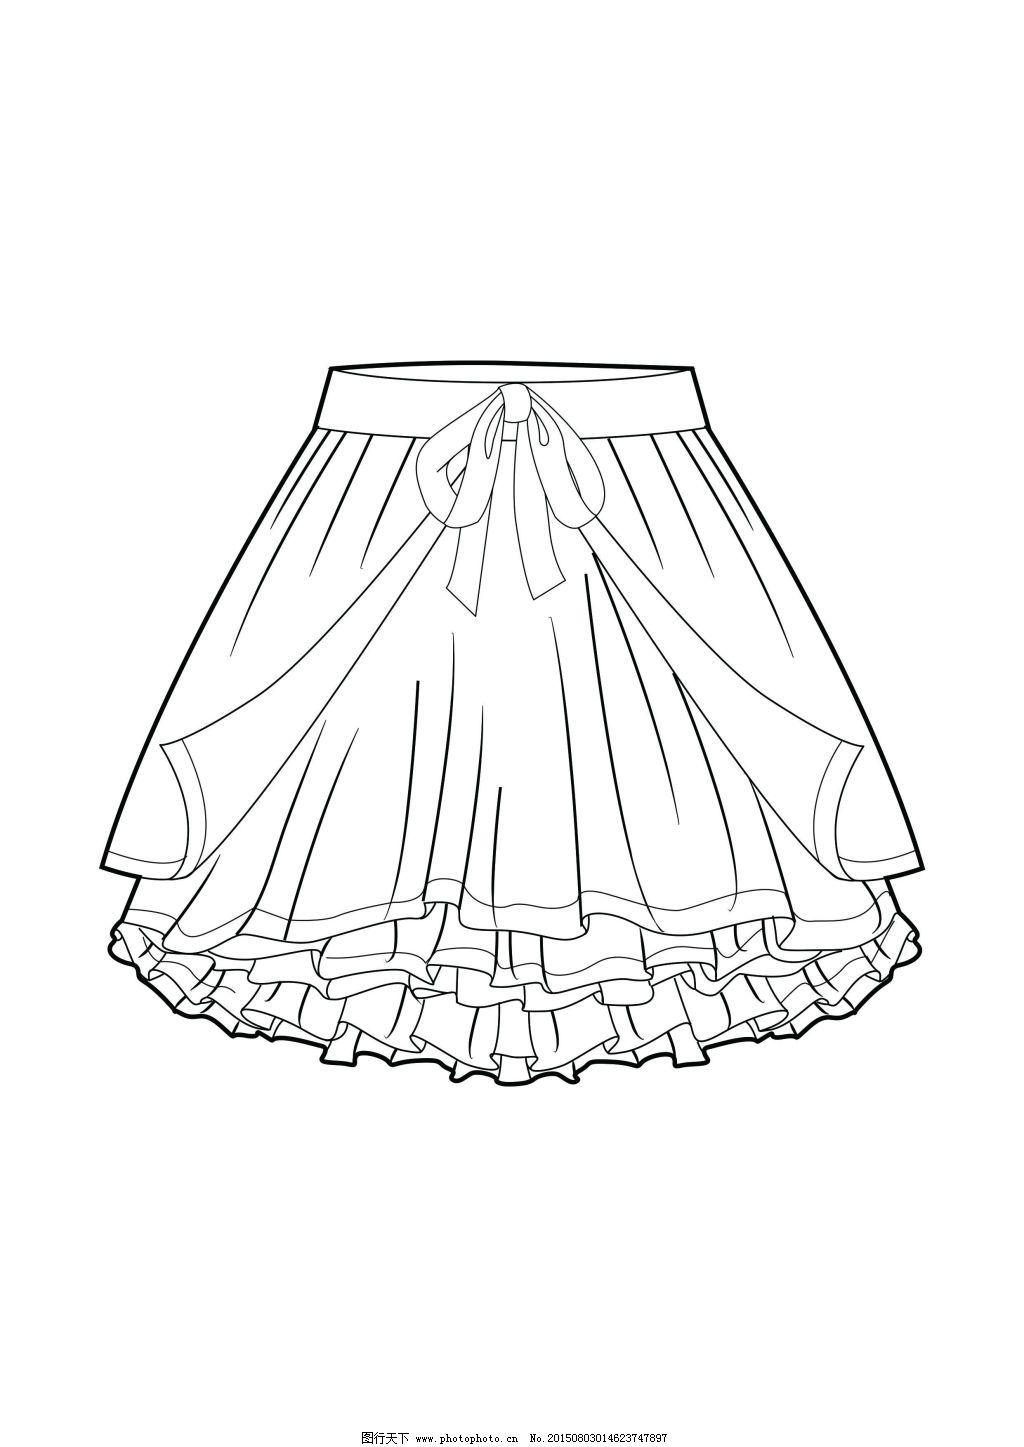 裙子免费下载 服装设计 款式图      款式图 千层裙      服装设计